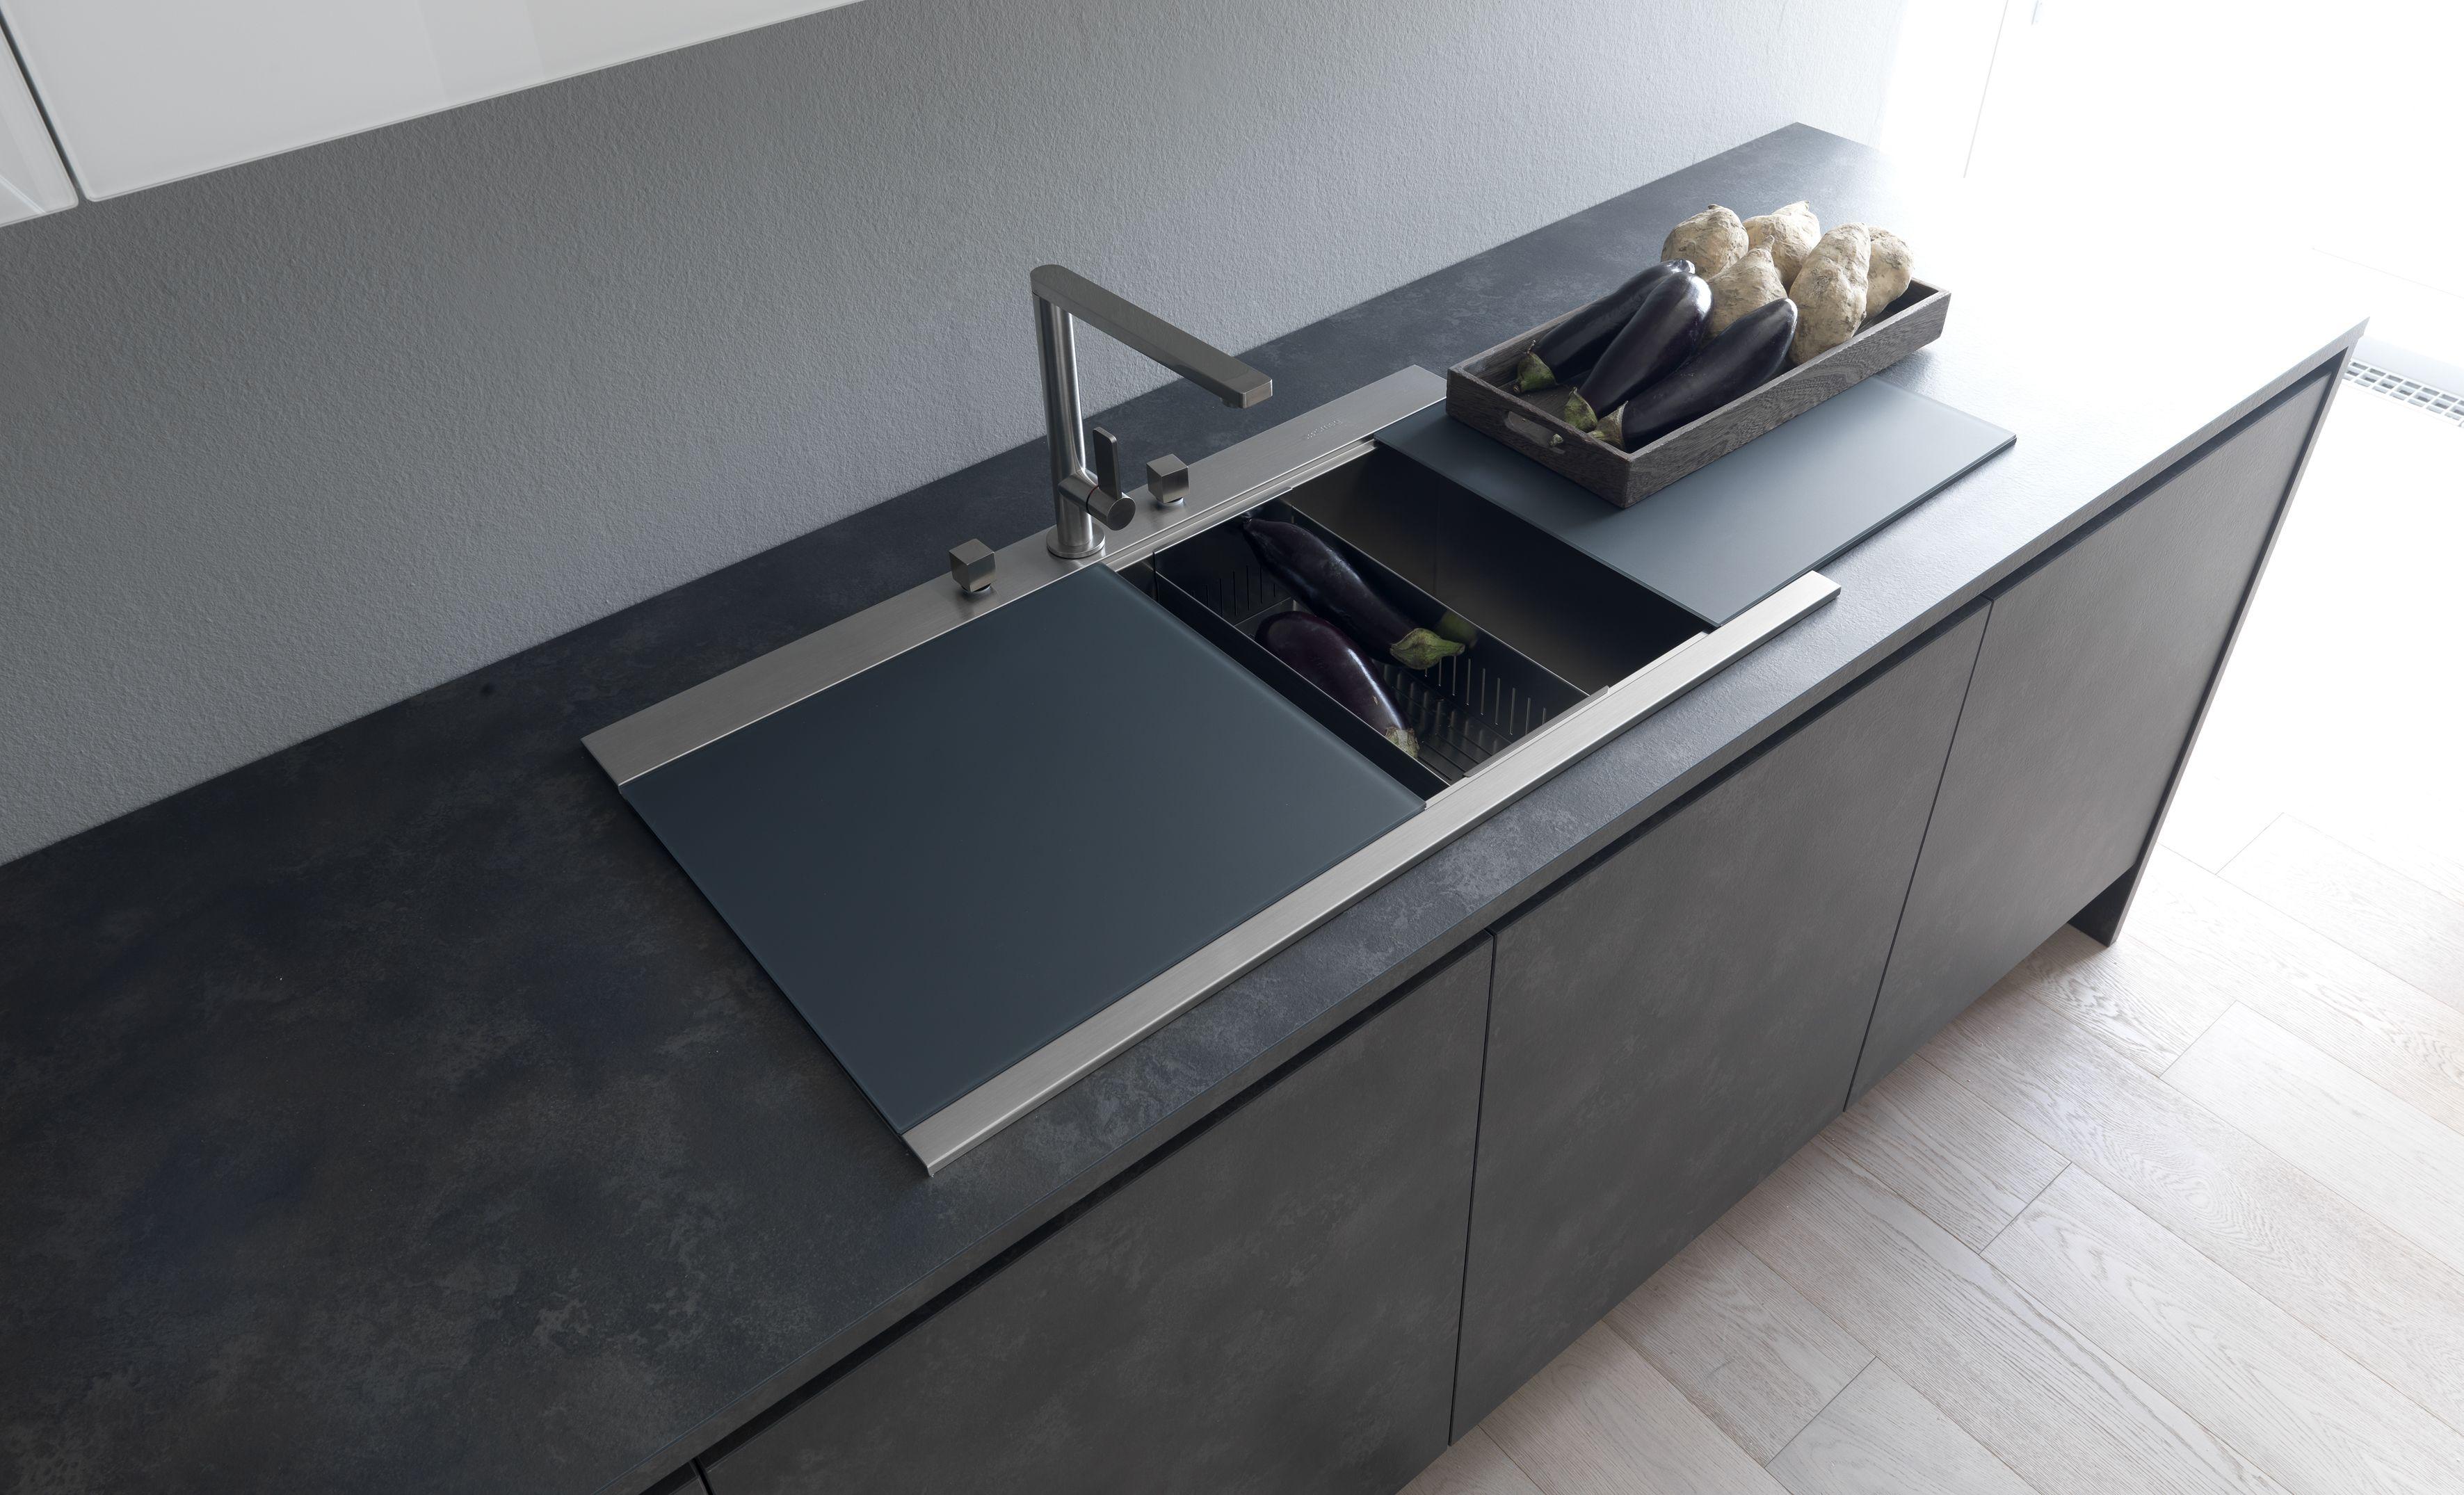 modulnova concept line kitchen sink with the sliding